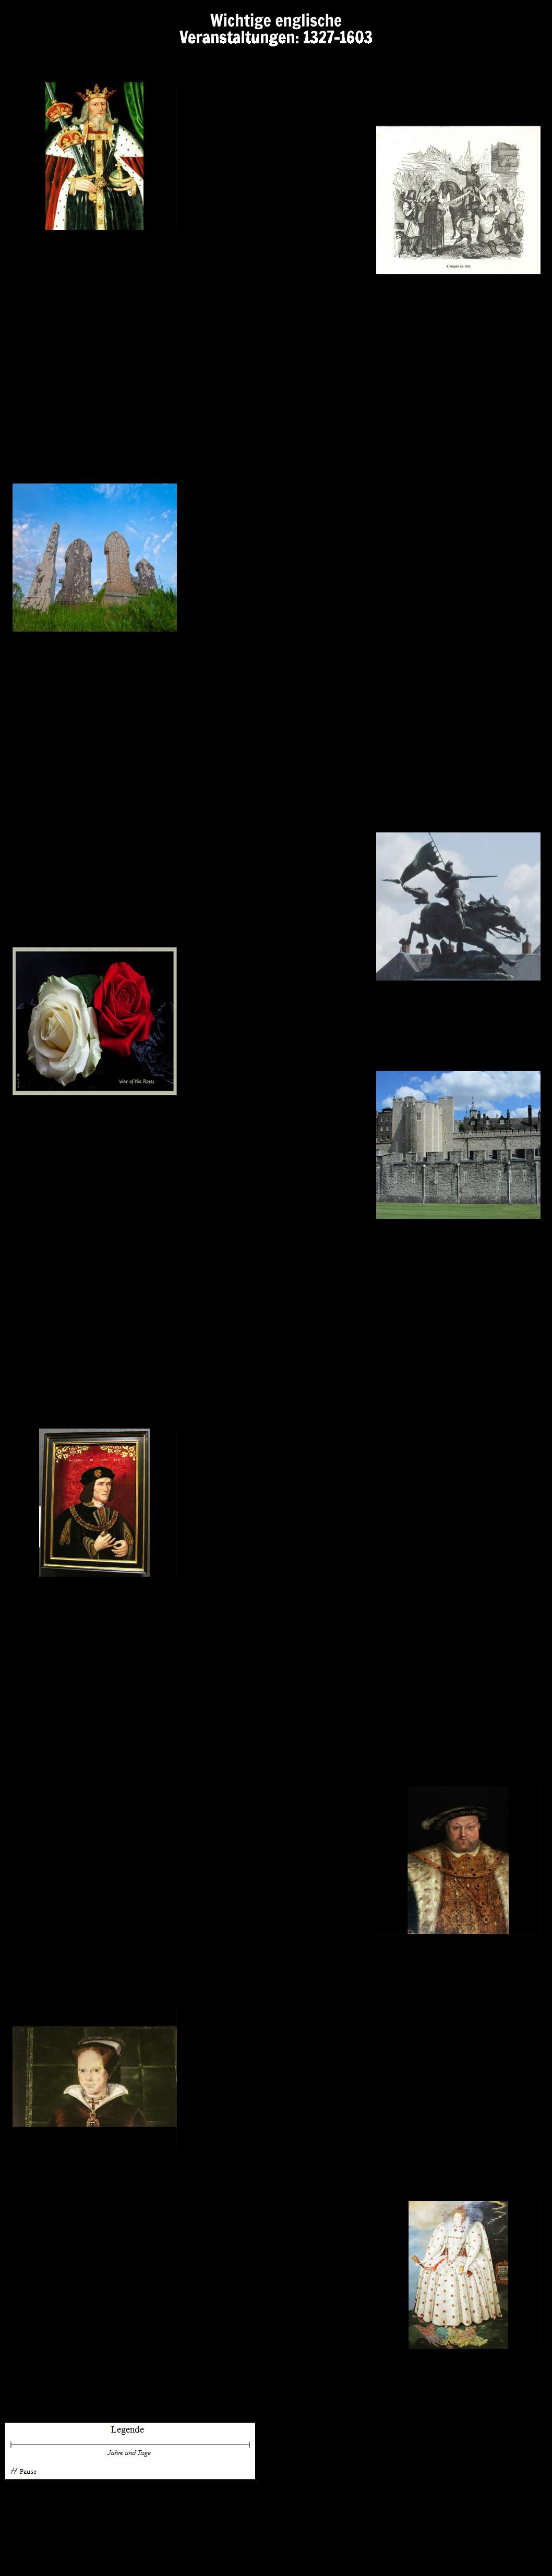 Zeitleiste wichtiger englischer Ereignisse: 1327-1603